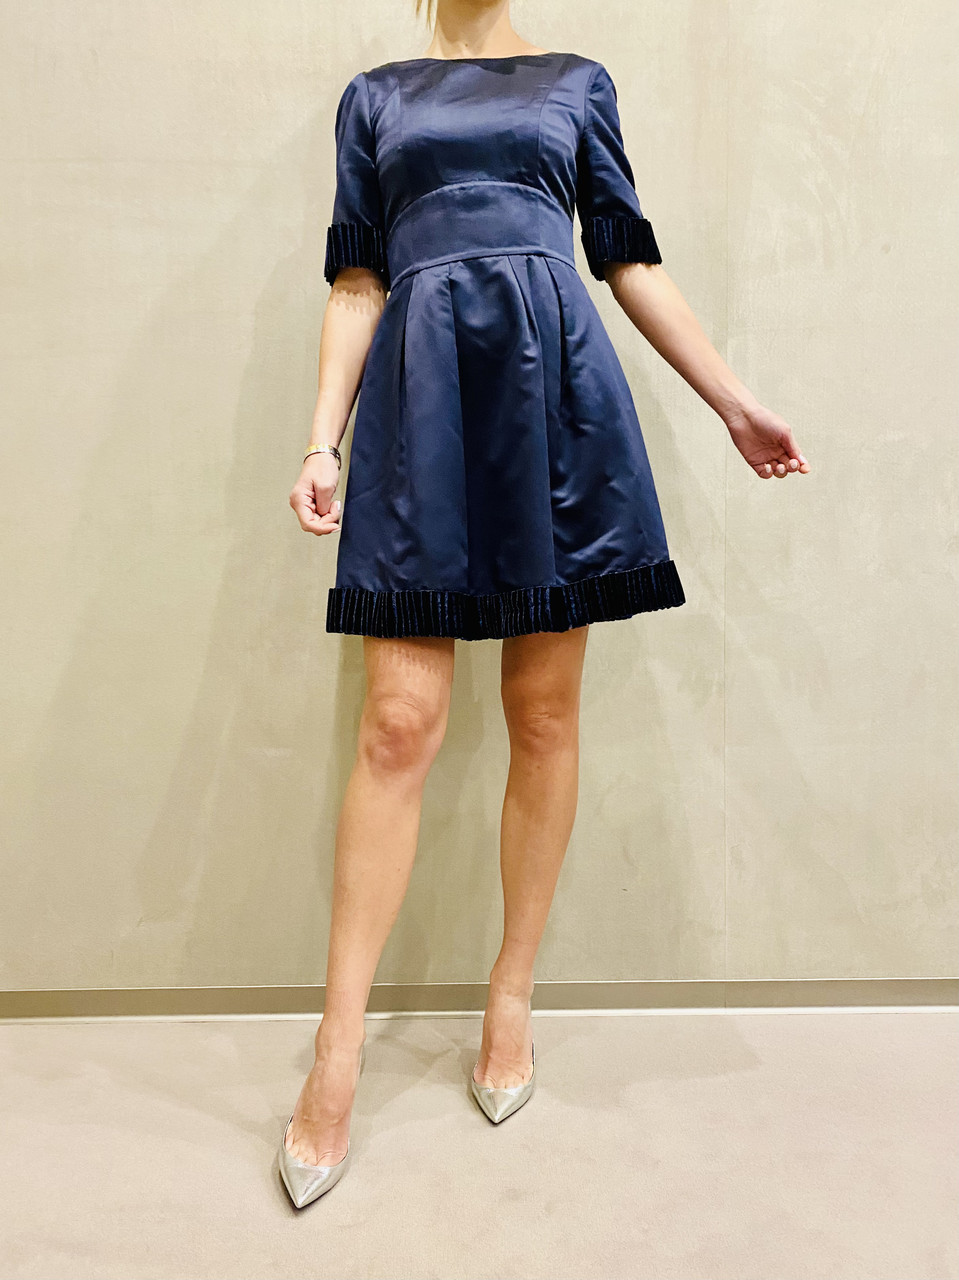 Платье женское коктейльное короткое темно синее с коротким рукавом молодежное стильное яркое